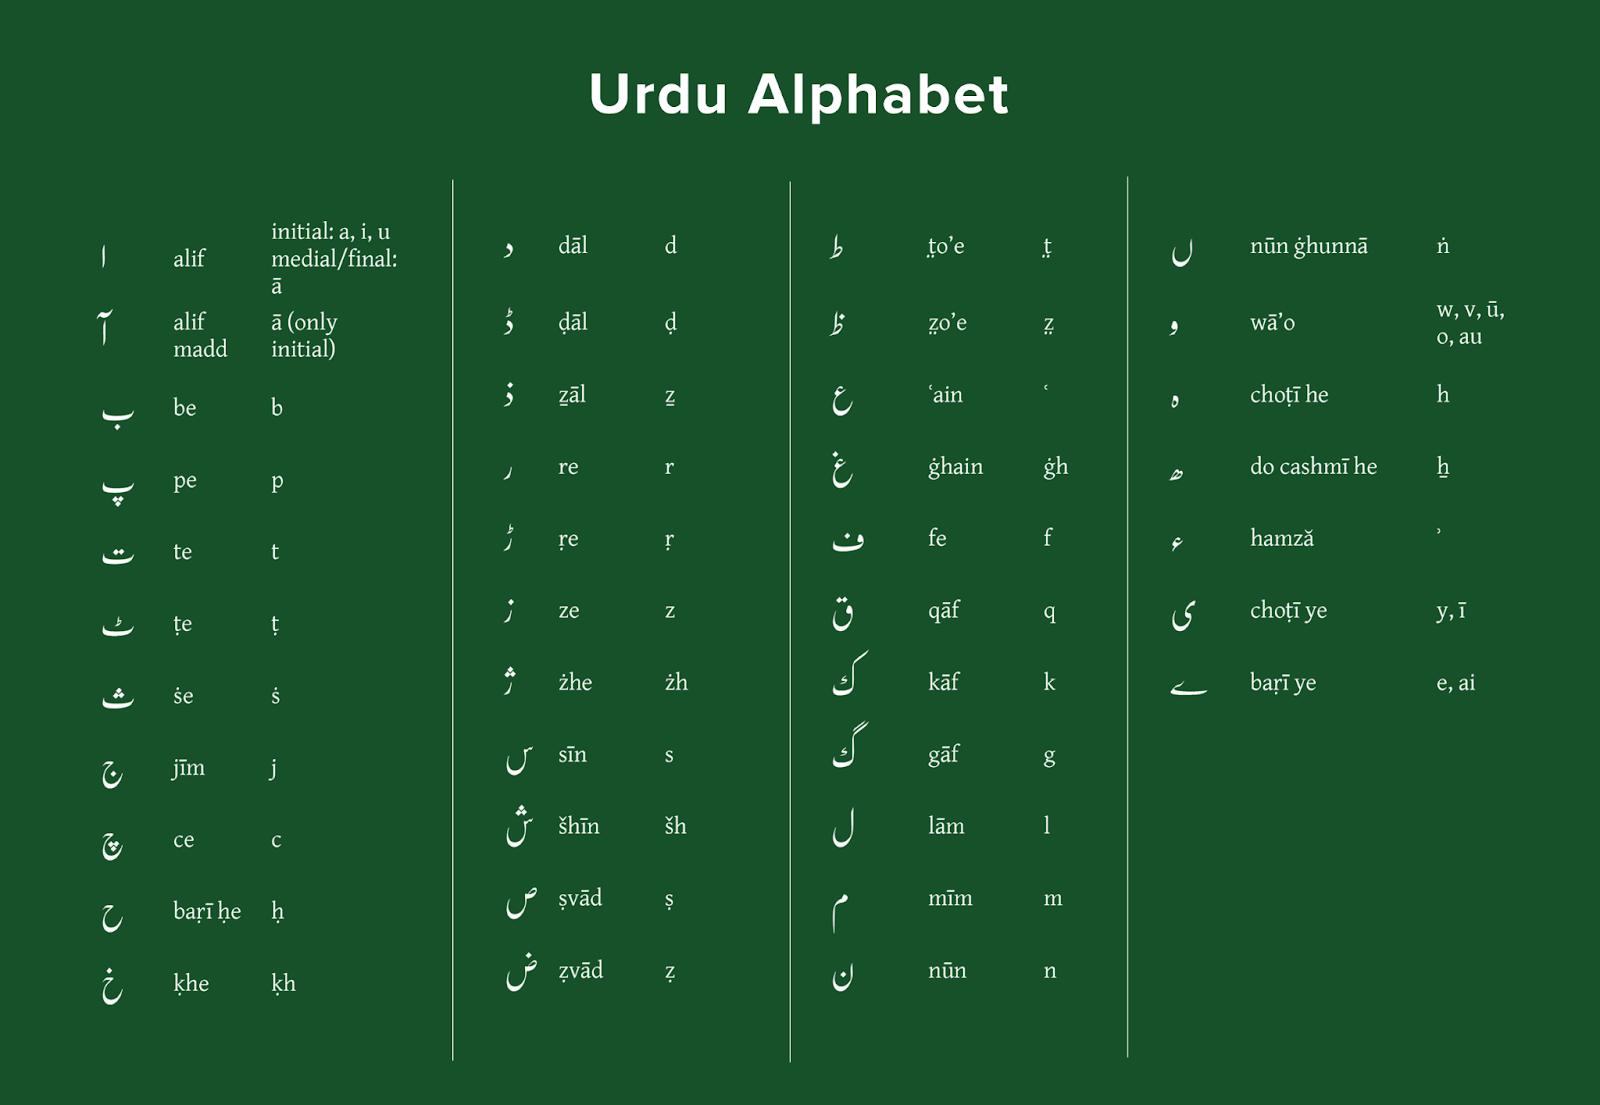 Urdu table